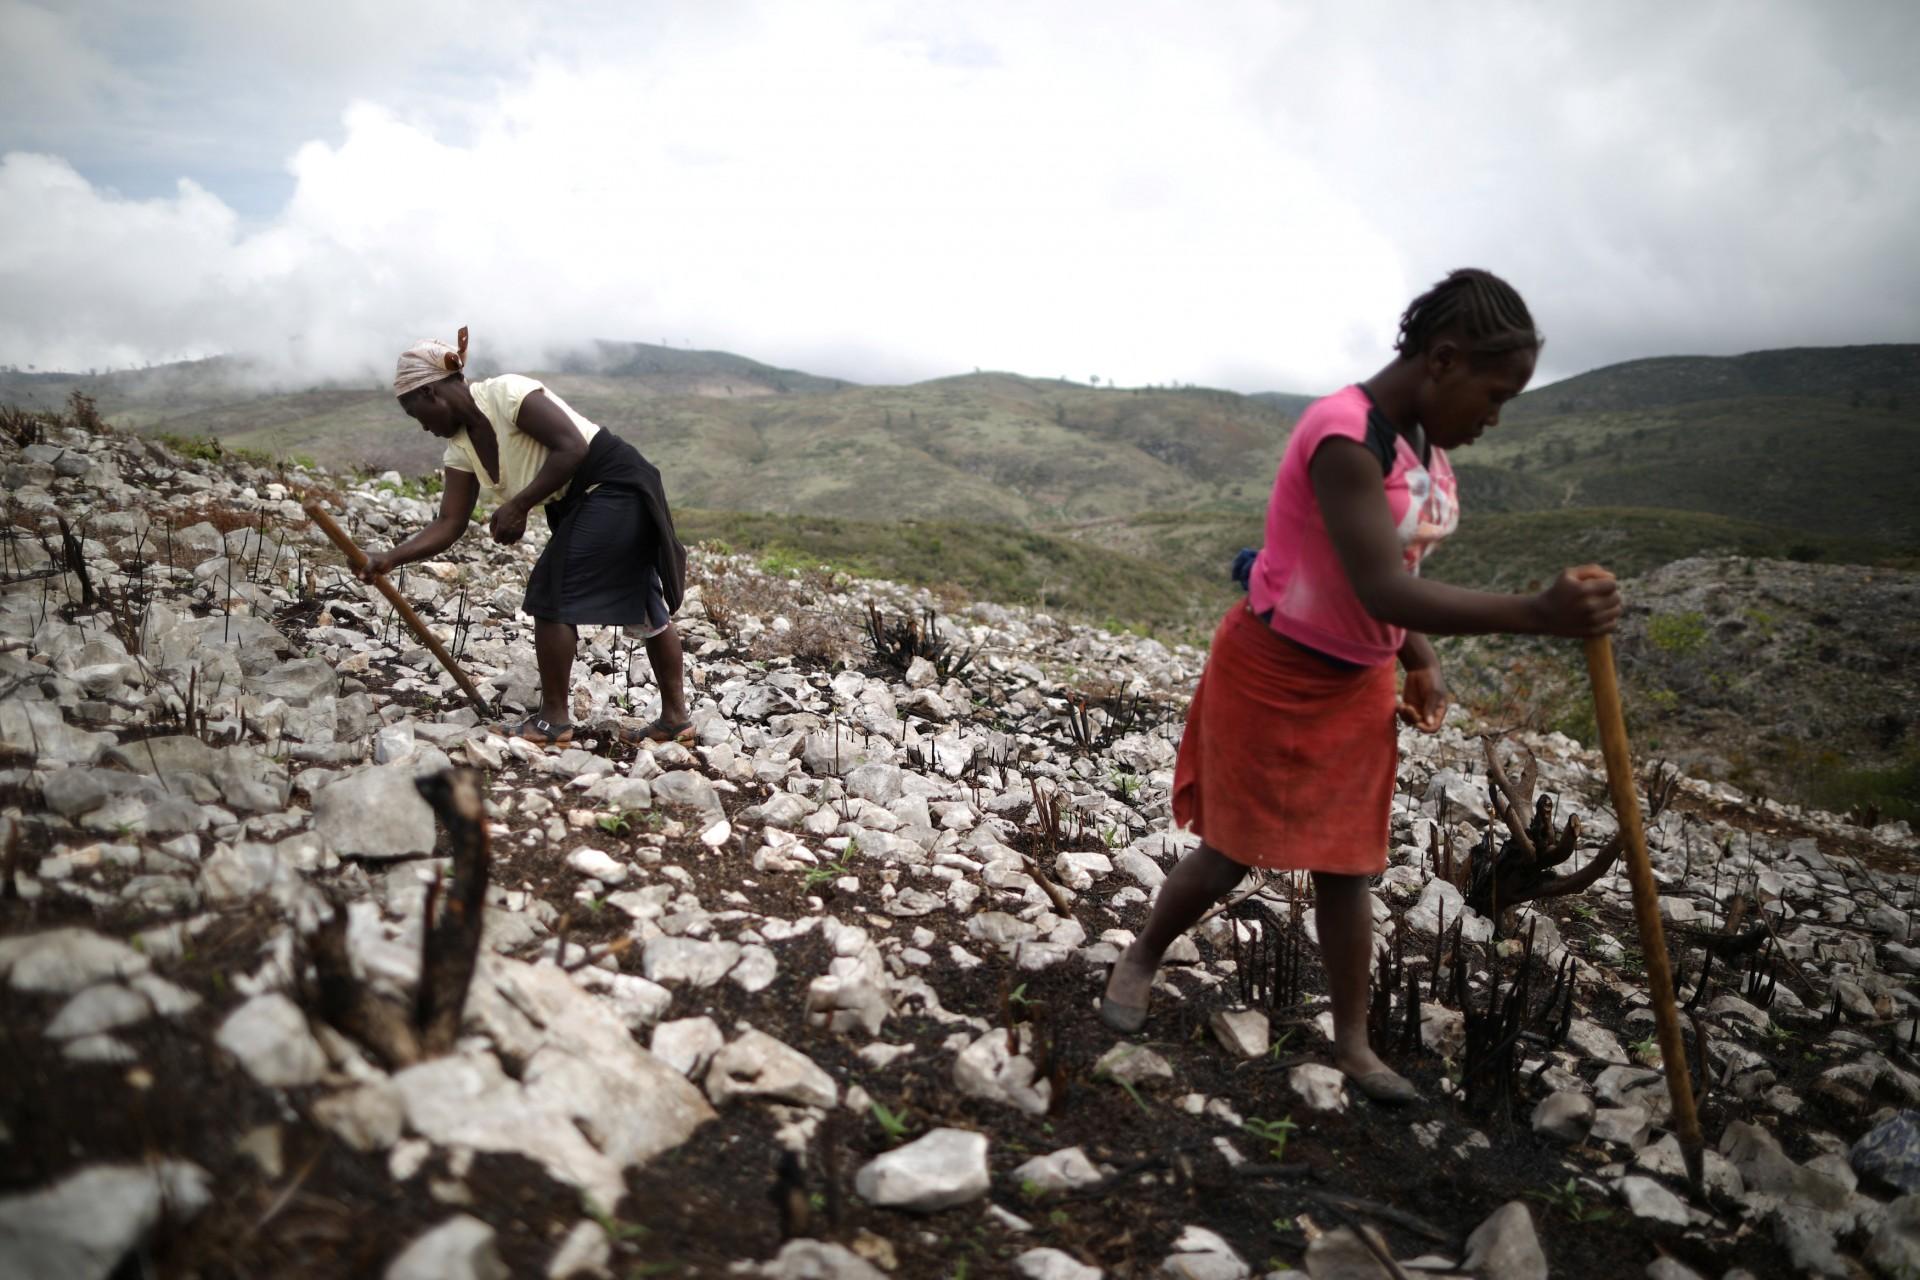 Las mujeres usan una herramienta casera para hacer agujeros y siembran semillas en un campo cerca de Boucan Ferdinand, Haití, 6 de abril de 2018.